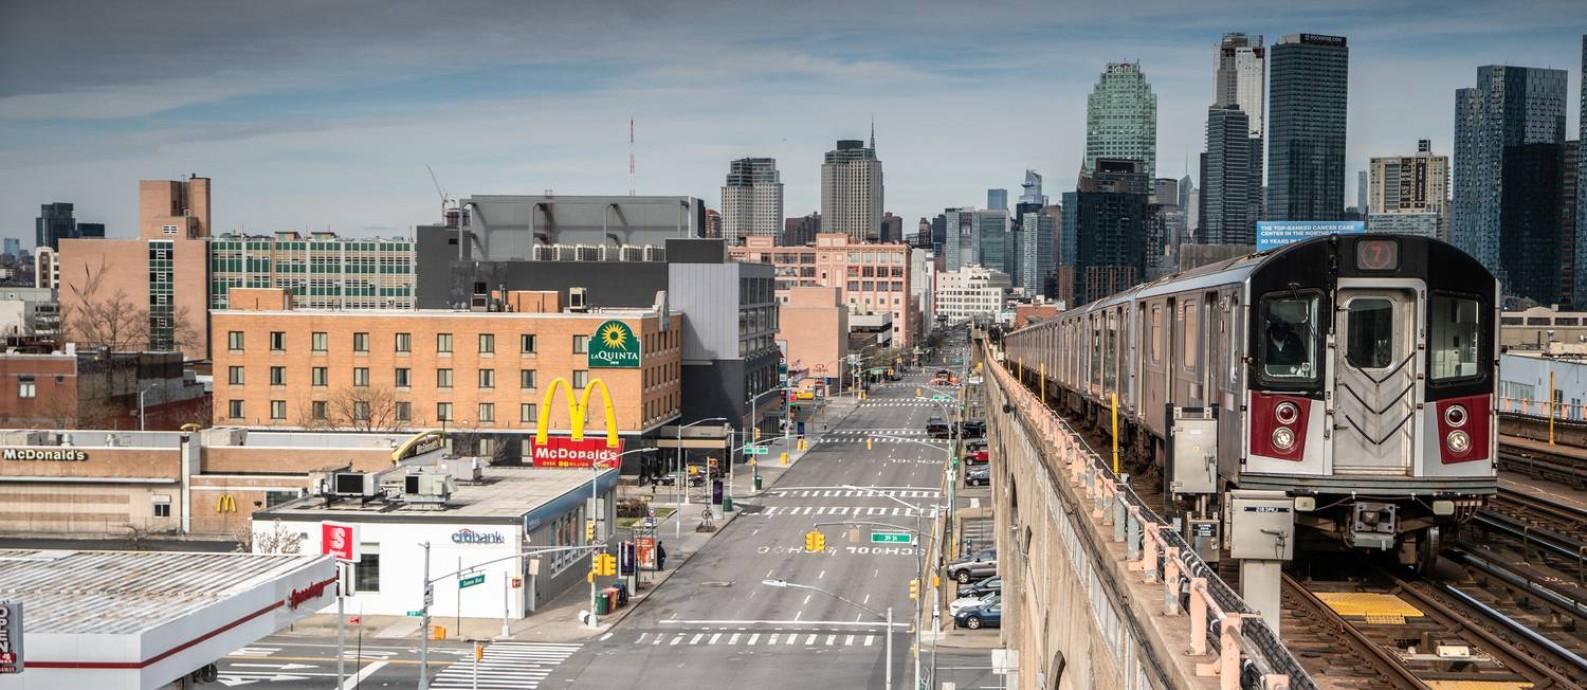 Ruas desertas no distrito de Queens, na cidade de Nova York, contrastam com operação do metrô: governador Andrew Cuomo e prefeito Bill de Blasio são pressionados a adotar medidas ainda mais drásticas Foto: JUAN ARREDONDO / NYT